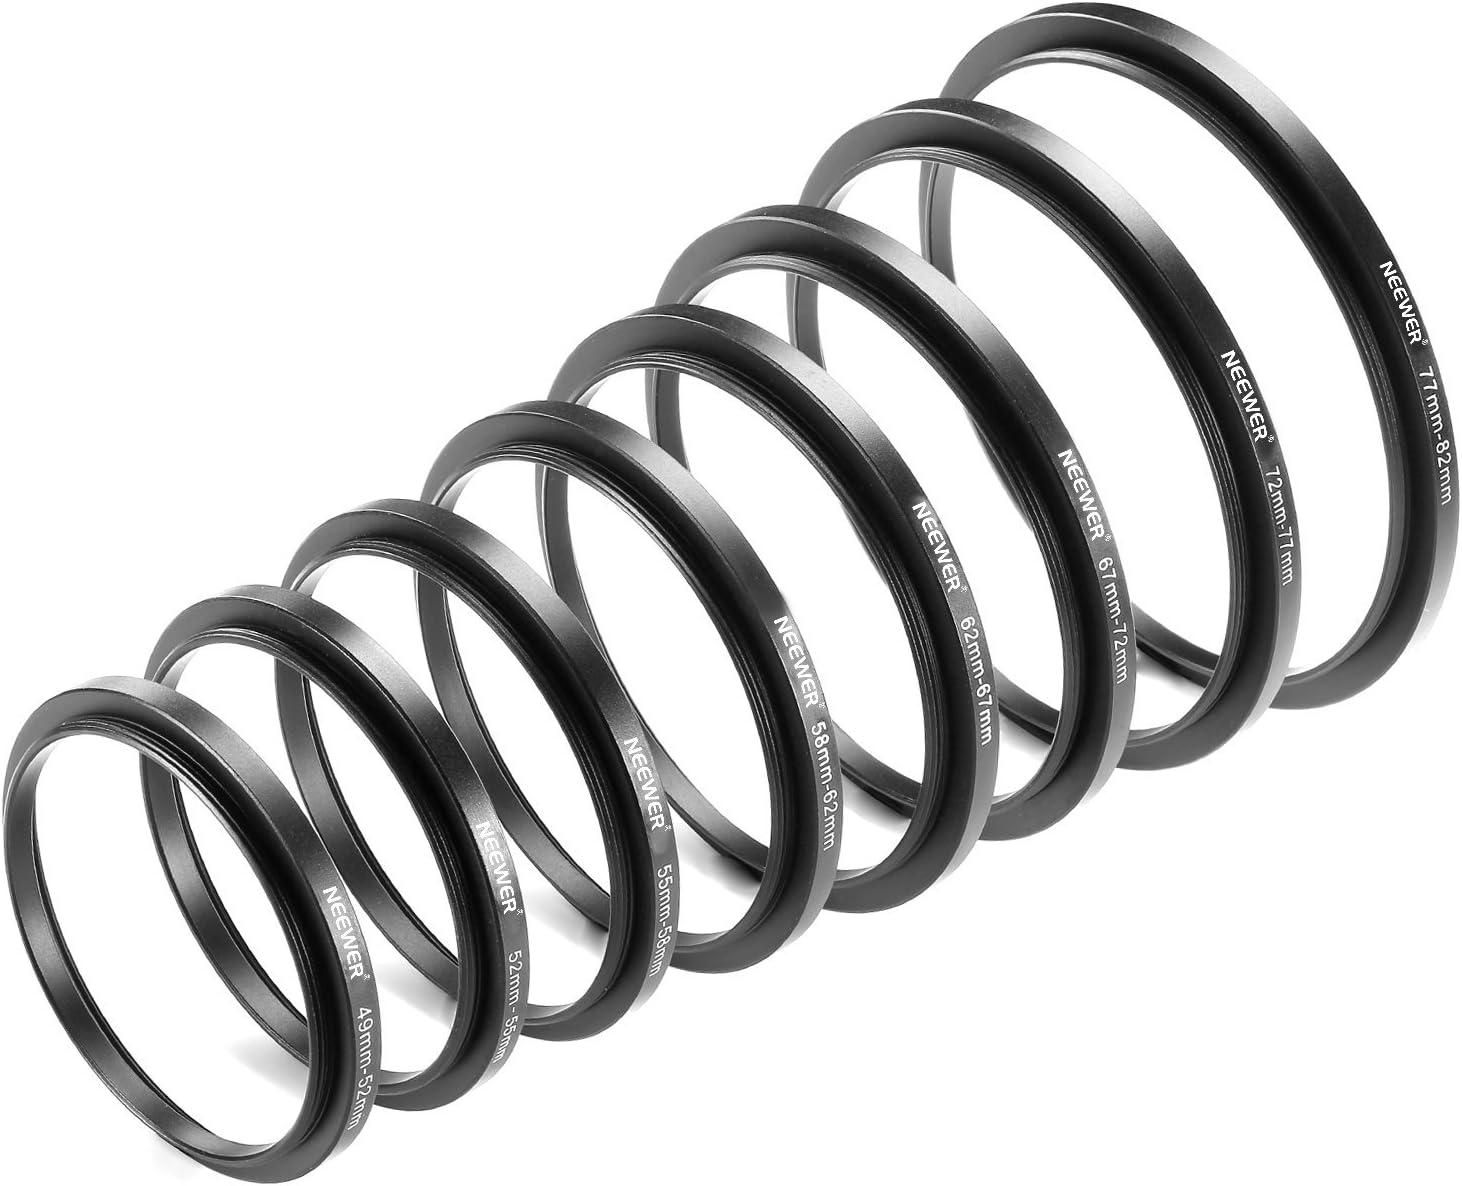 58-72mm metallo STEP UP RING LENS ADAPTER DA 58 a filettatura del filtro 72mm Venditore Regno Unito